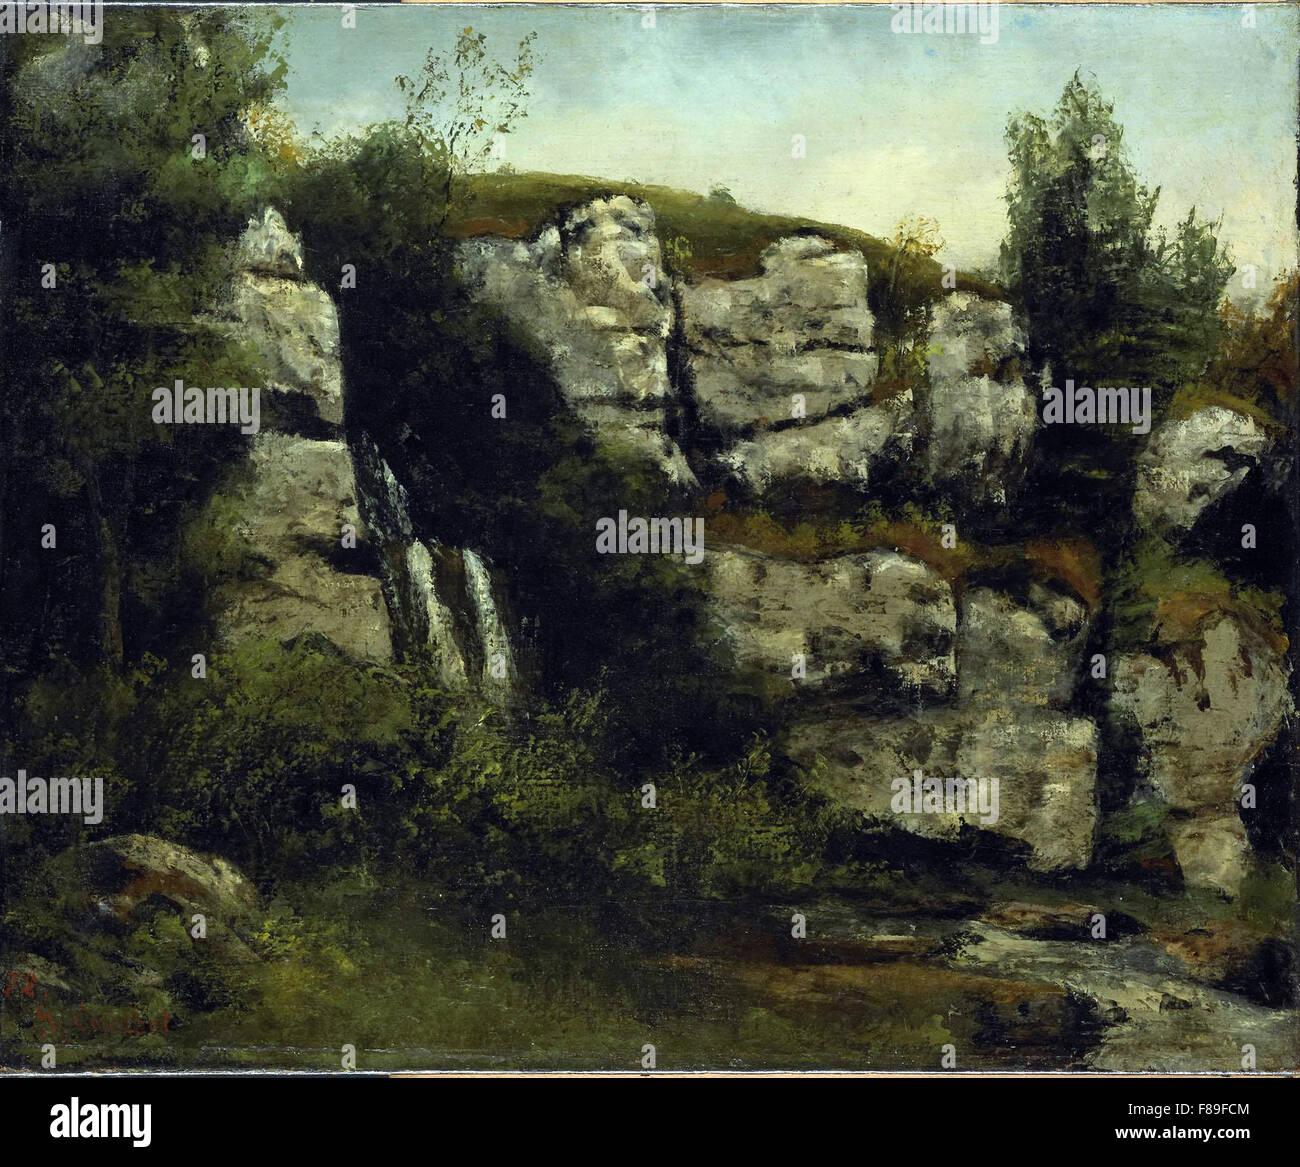 Gustave Courbet - paysage avec des falaises rocheuses et d'une chute Photo Stock